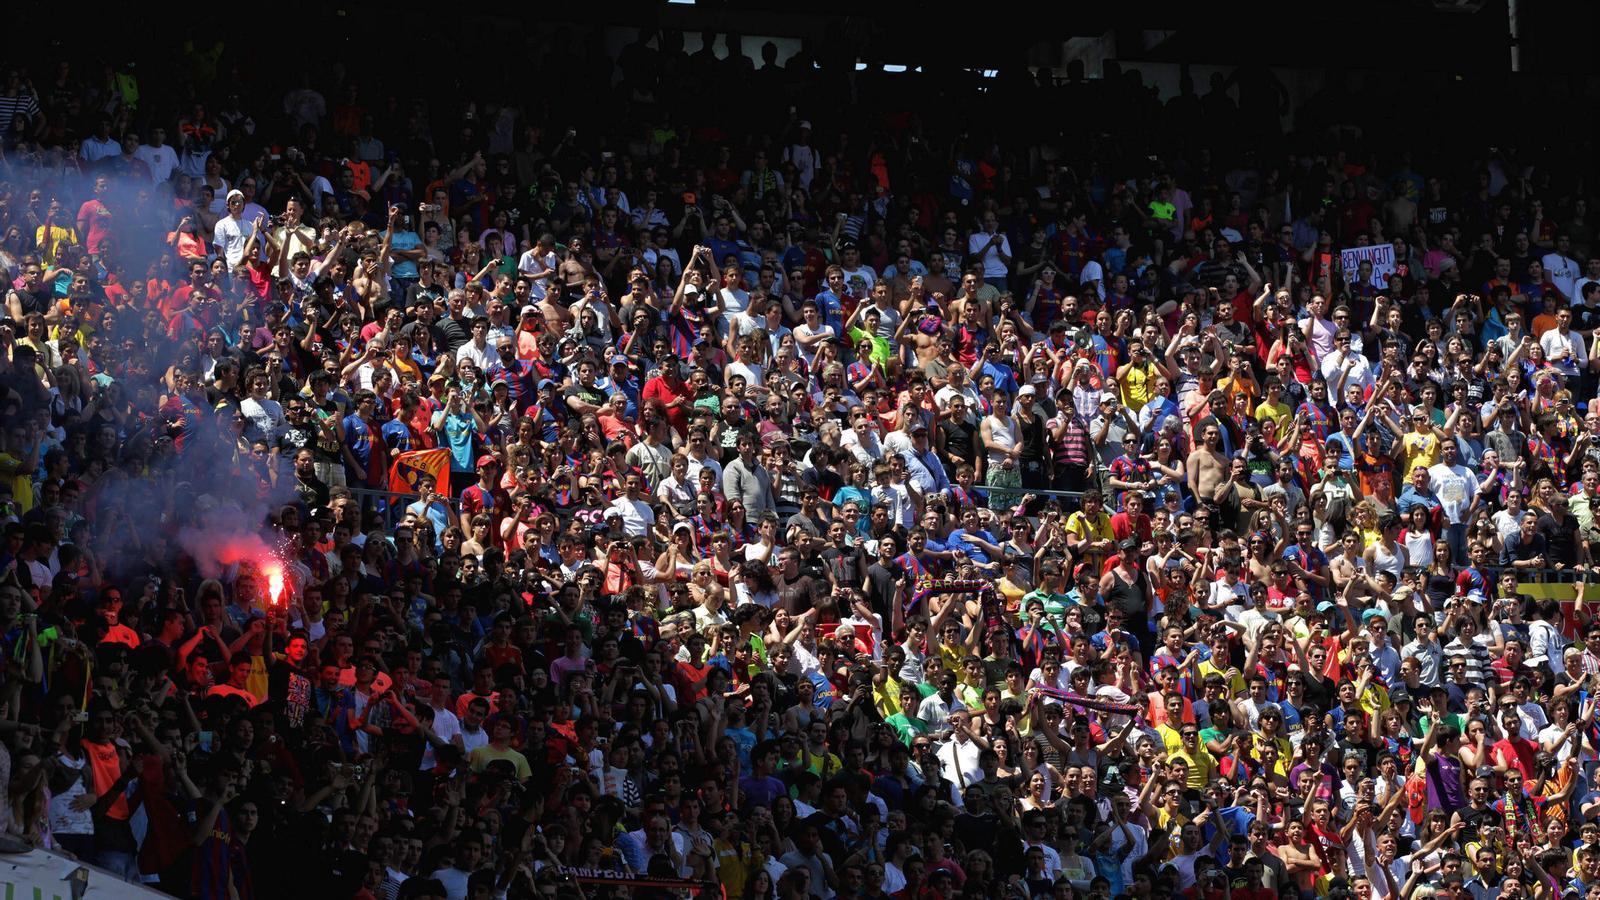 Sense fum Els seguidors del Barça que omplen el Camp Nou pot ser que vegin com se'ls prohibeix fumar a la graderia. / ALBERTO ESTÉVEZ / EFE